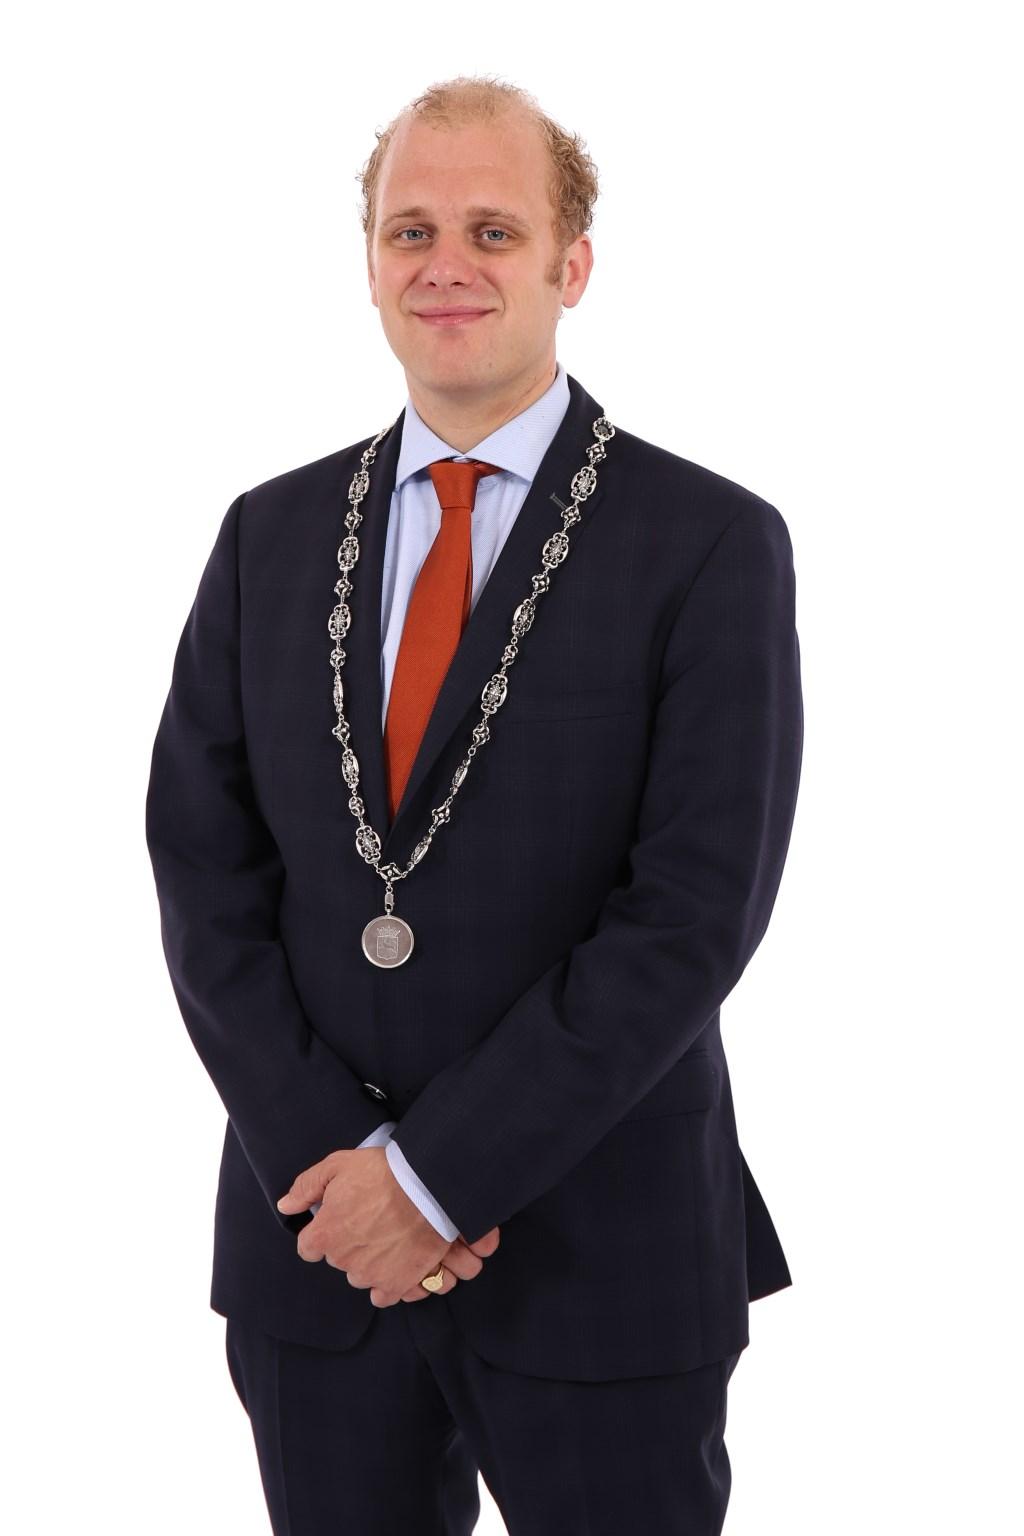 Burgemeester Joris Bengevoord 'Beste Bestuurder kleine gemeente 2018'. Foto: PR gemeente Winterswijk